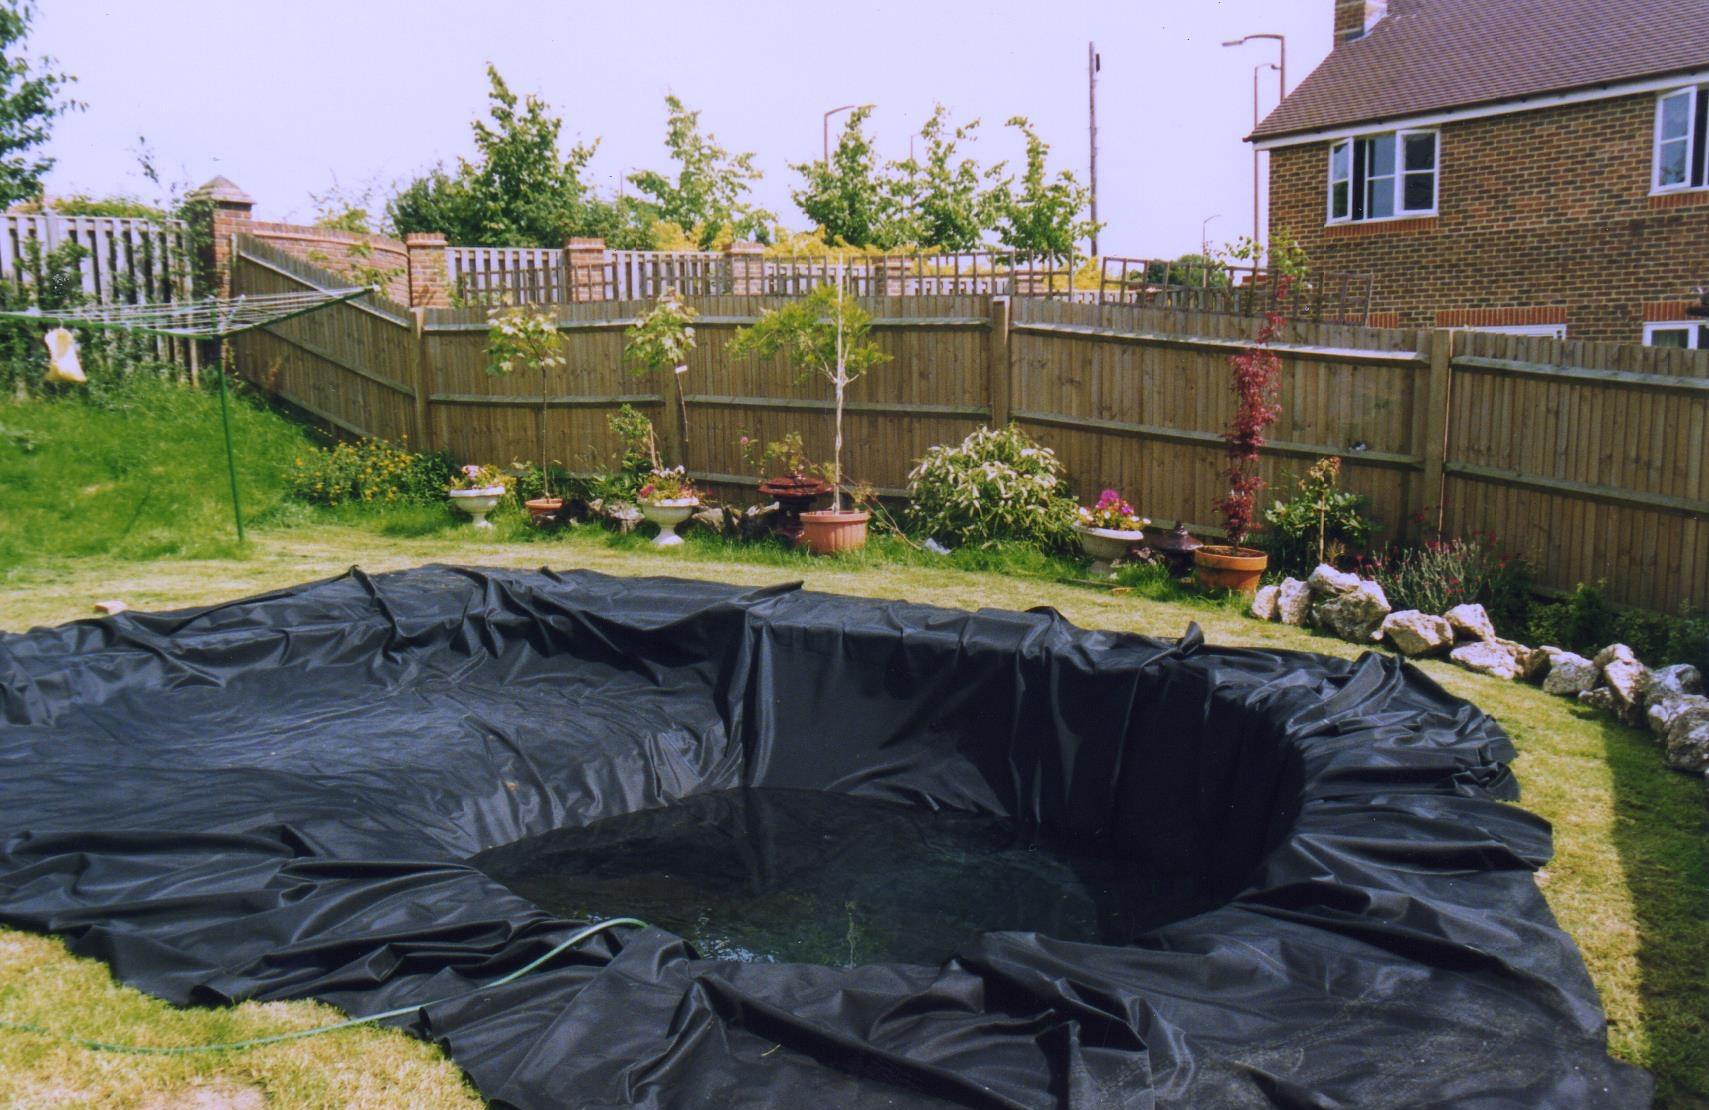 На мешковину аккуратно раскладывают пленку, плотно прижимая ее ко всем изгибам и постепенно наполняя пруд водой